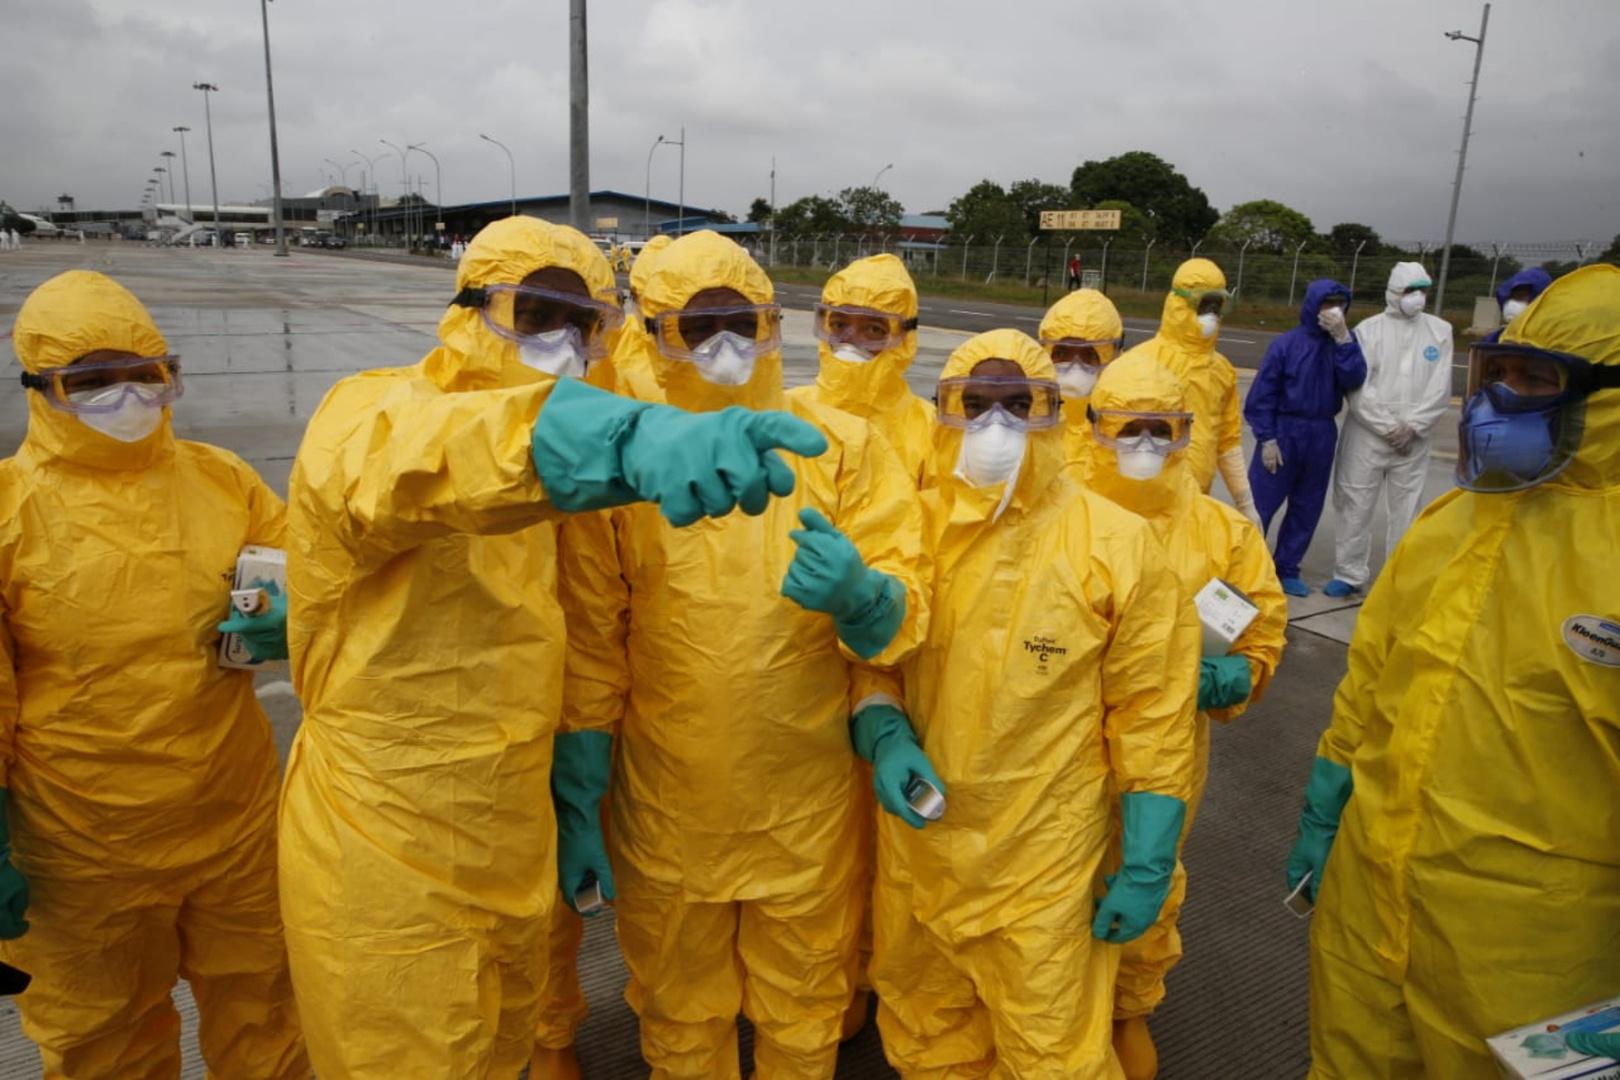 مصر تعلن اكتشاف أول حالة إصابة لمواطن مصري بفيروس كورونا